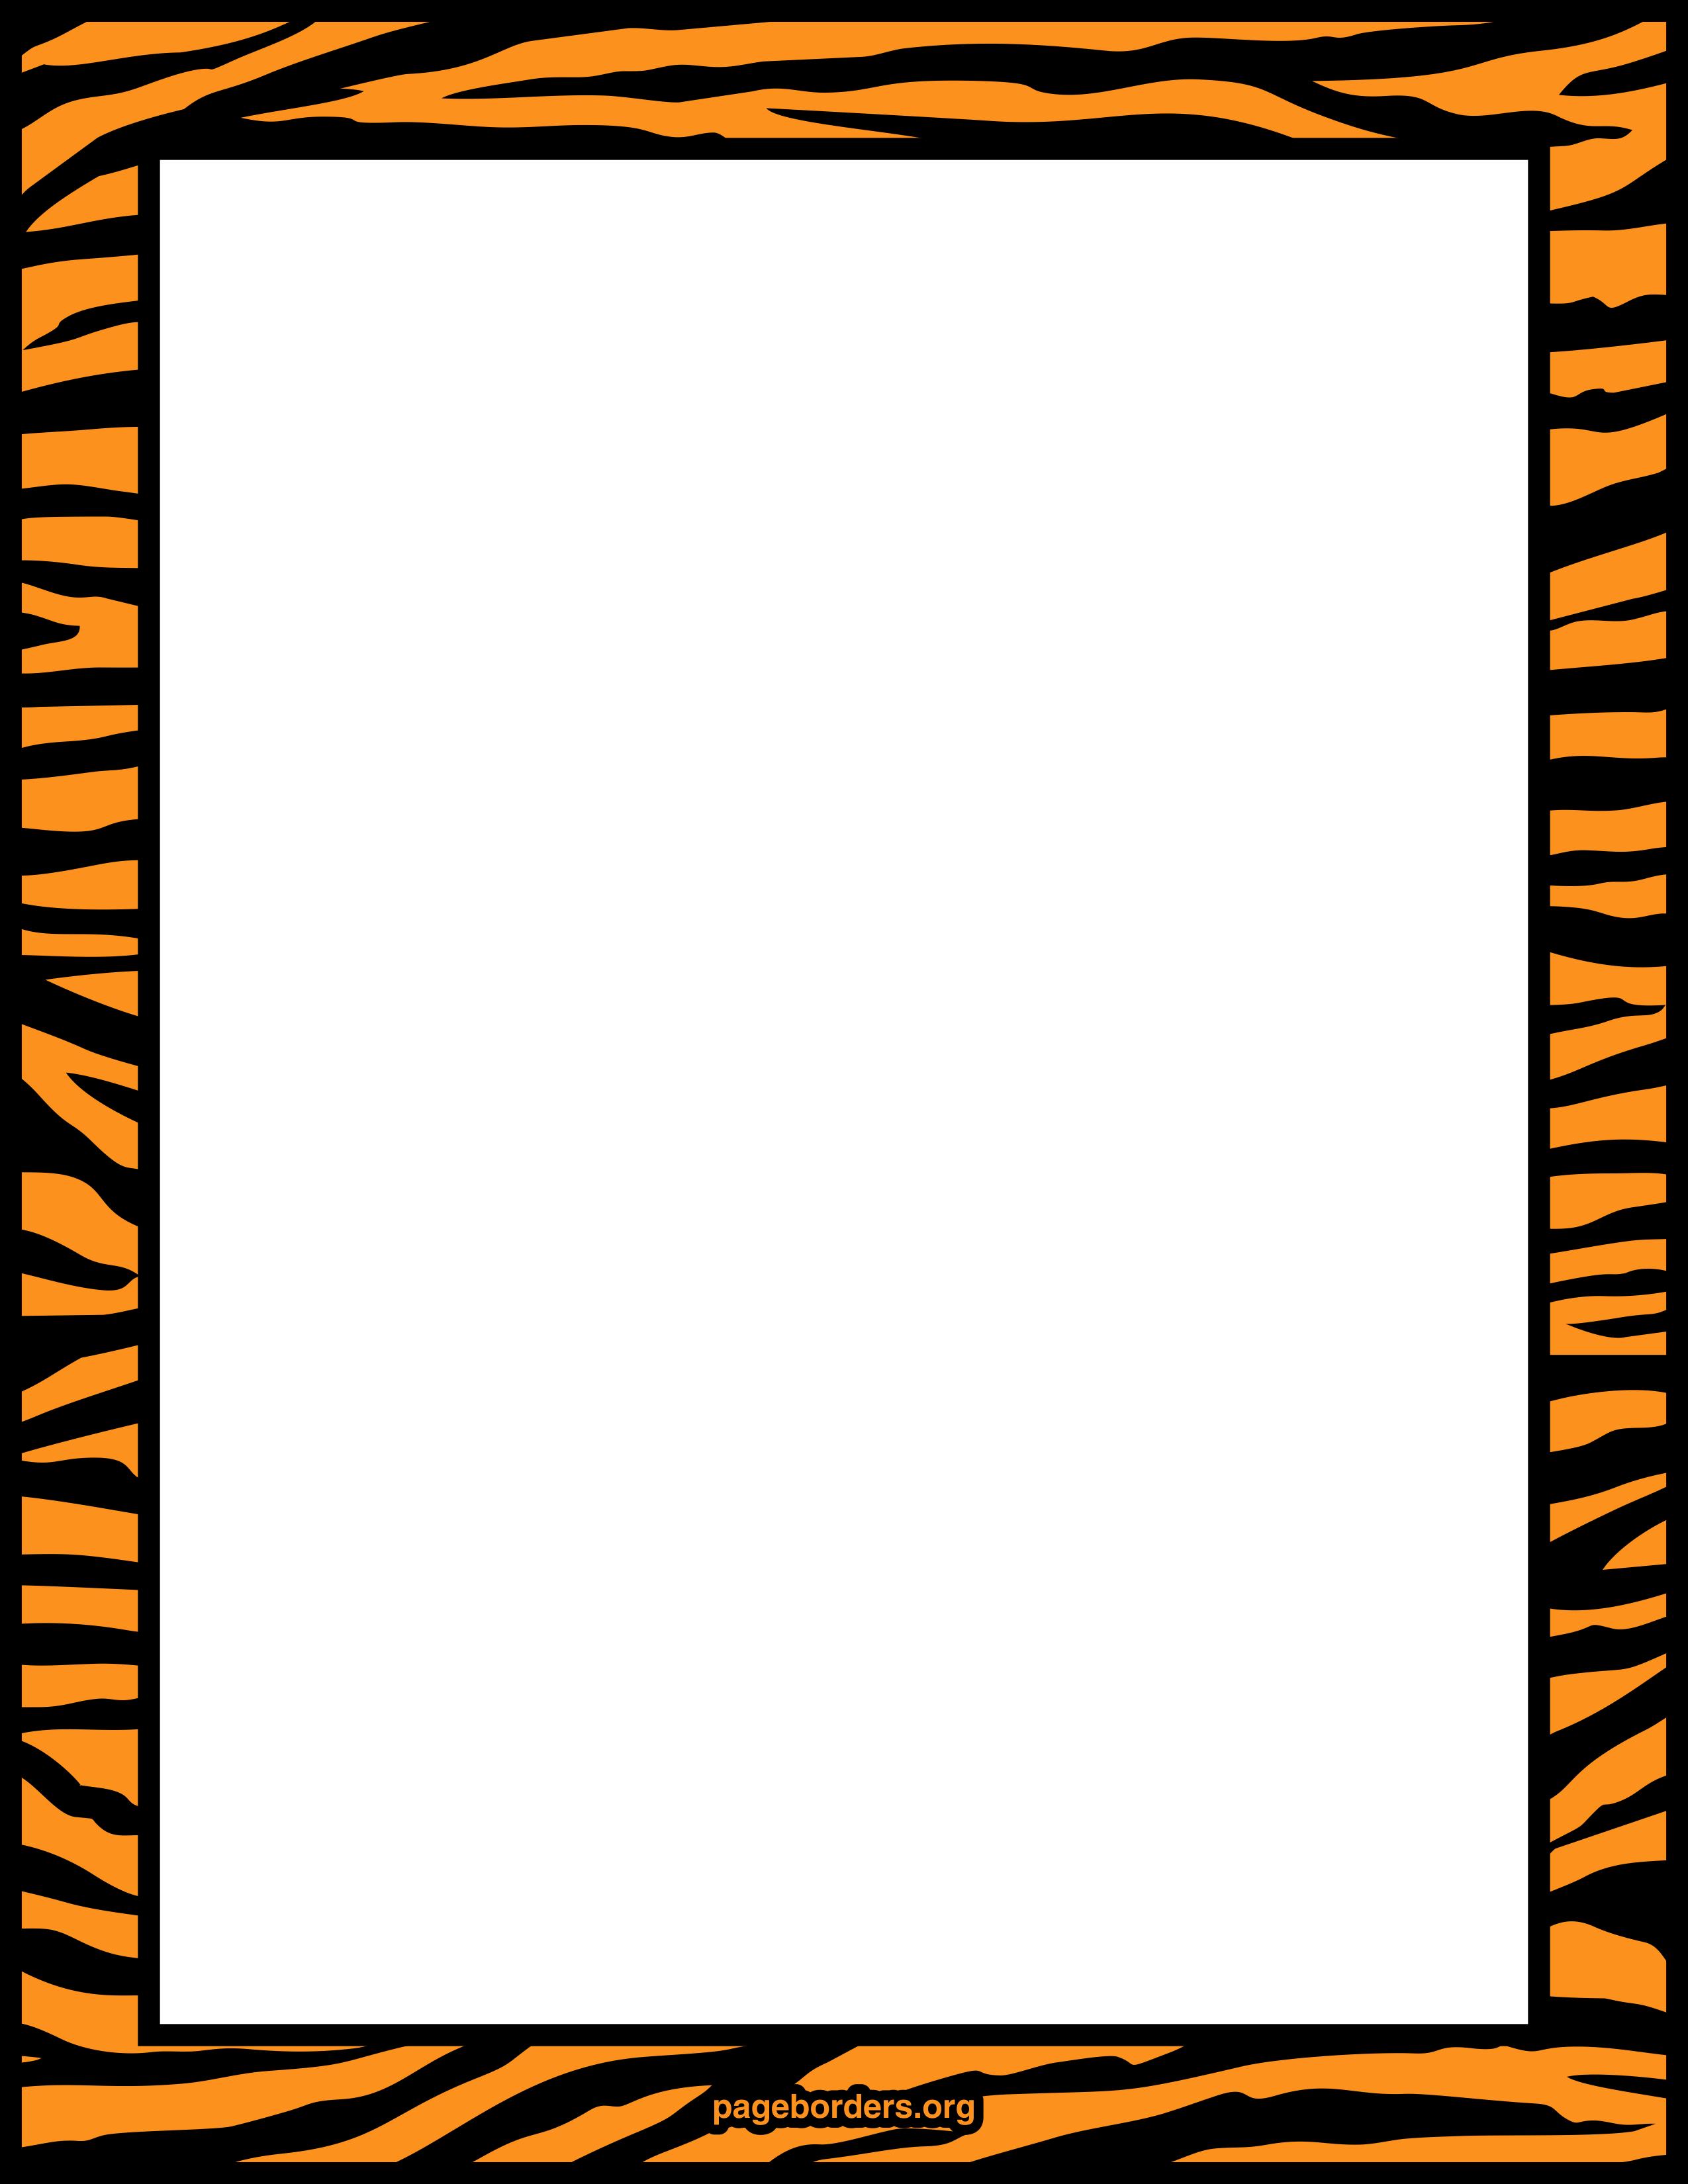 tiger print clip art - photo #12